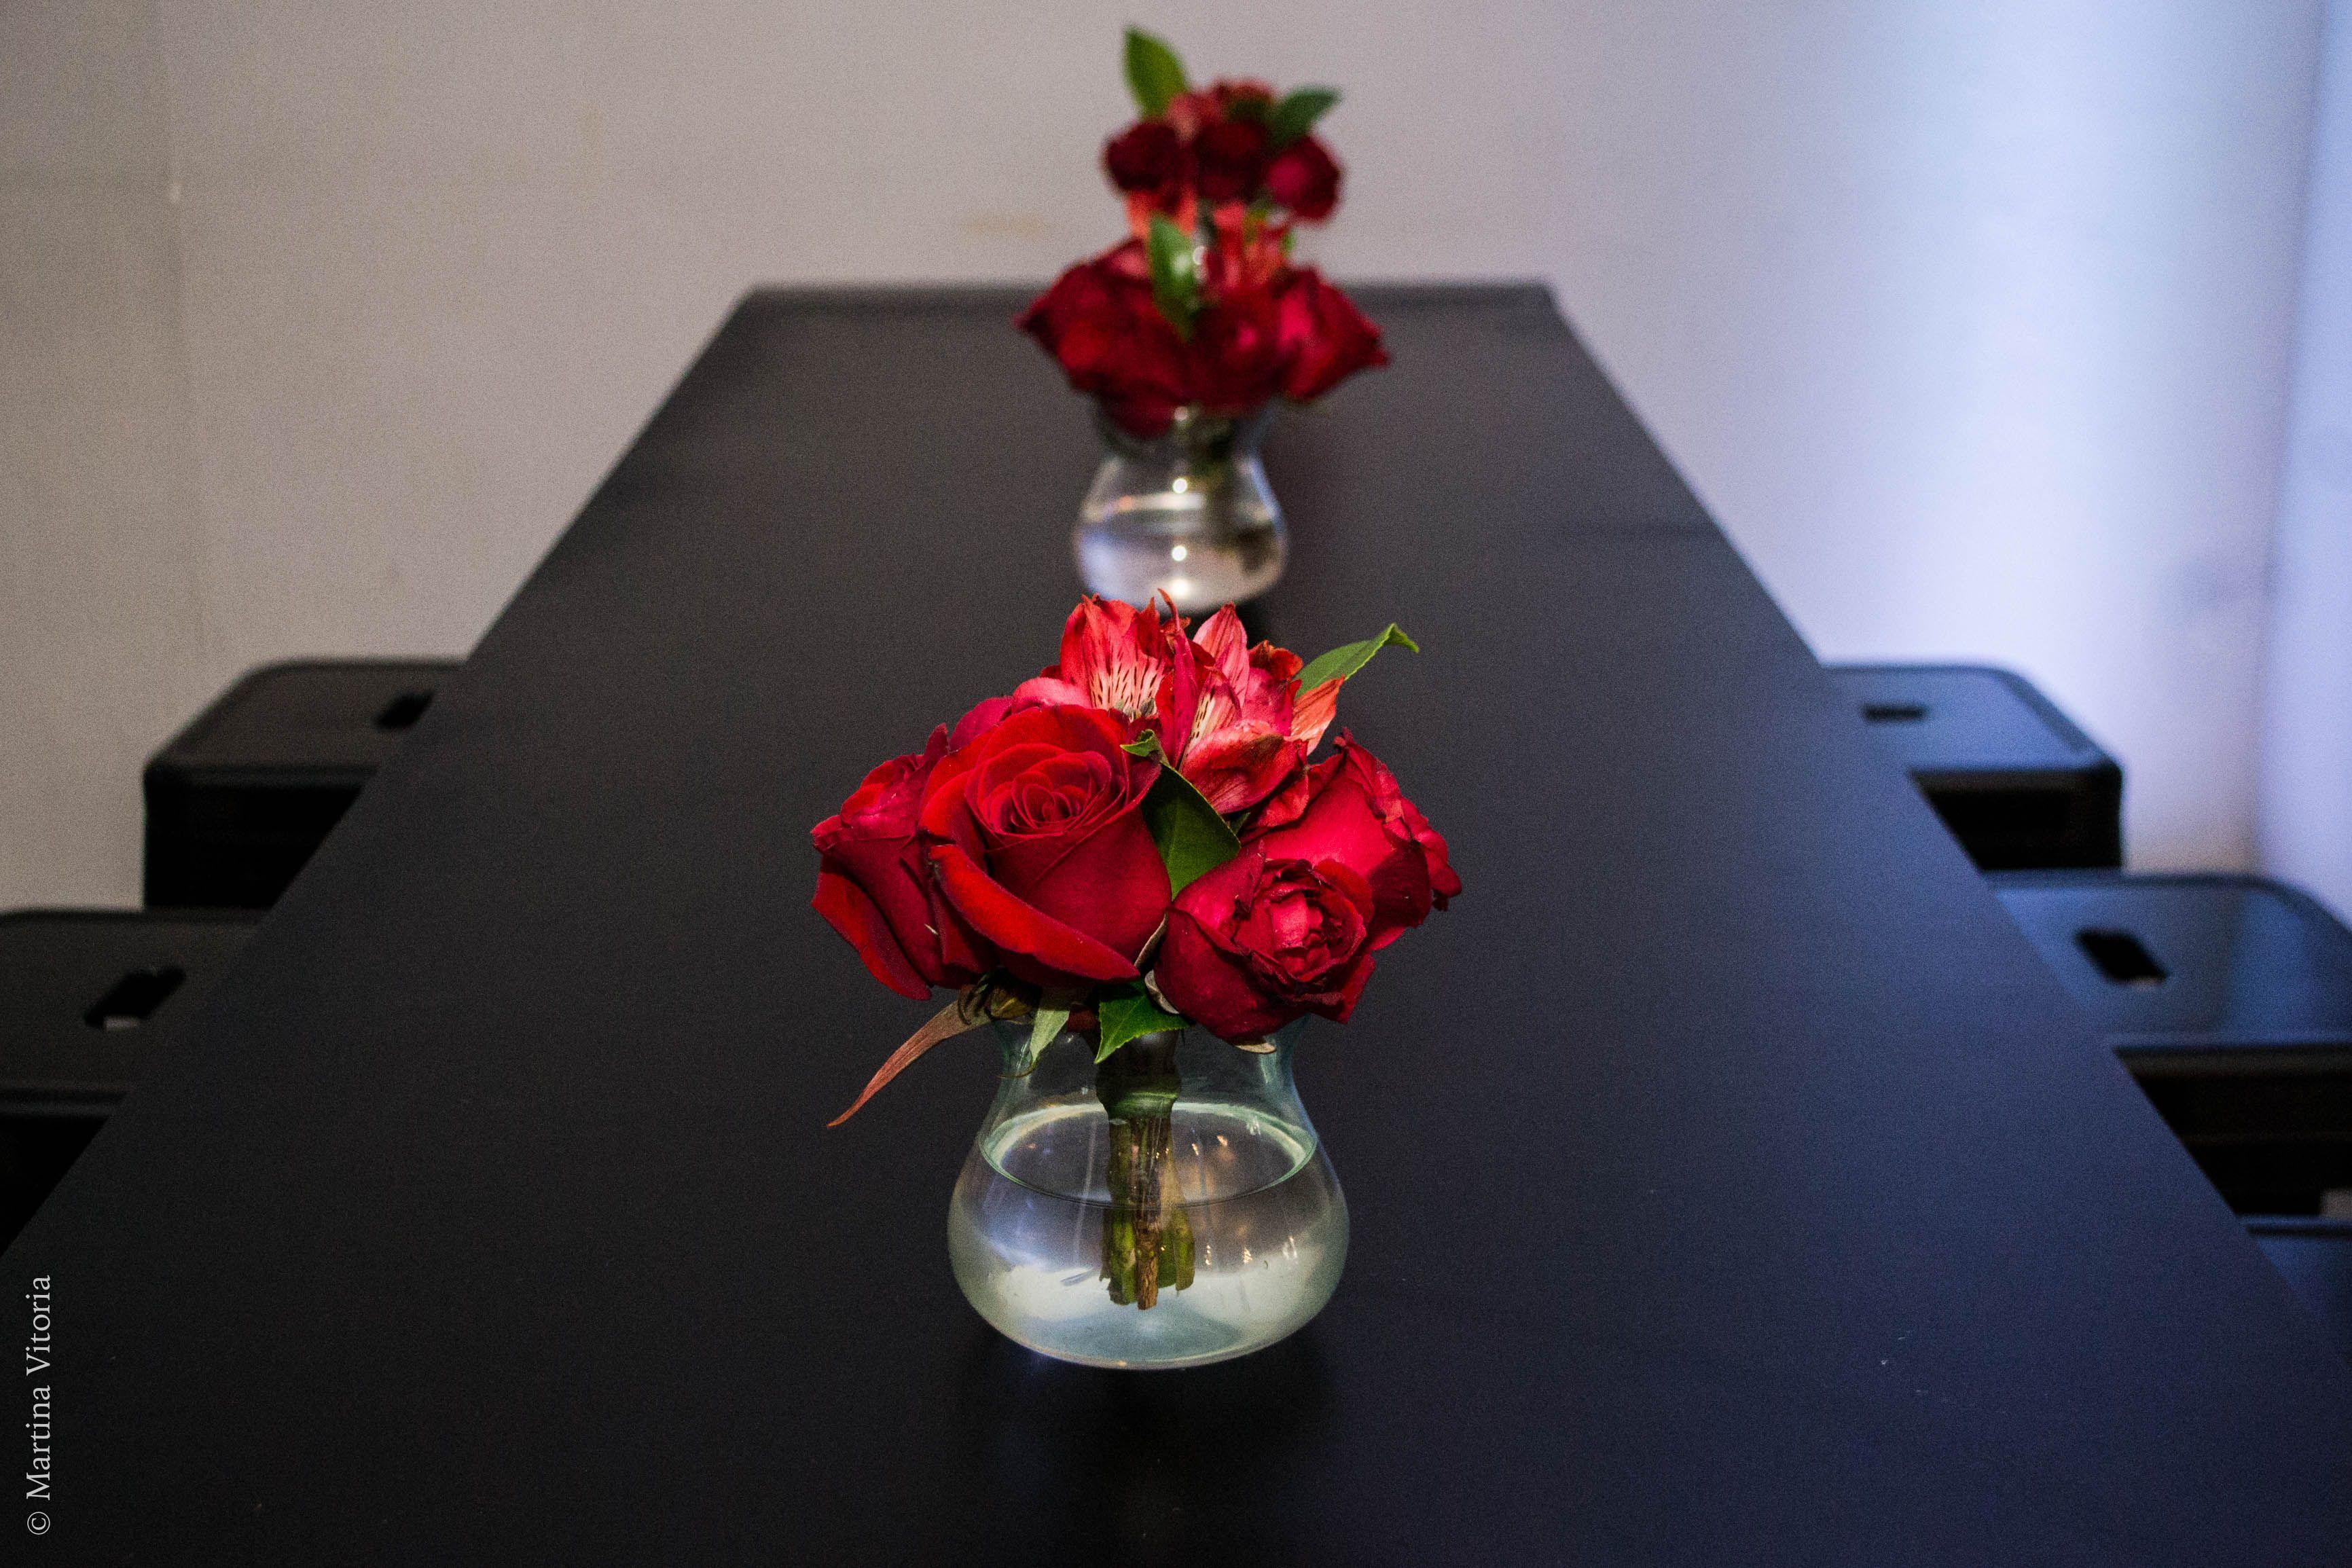 Mesa Bistro Com Arranjos Florais De Rosas Vermelhas Para Decoracao